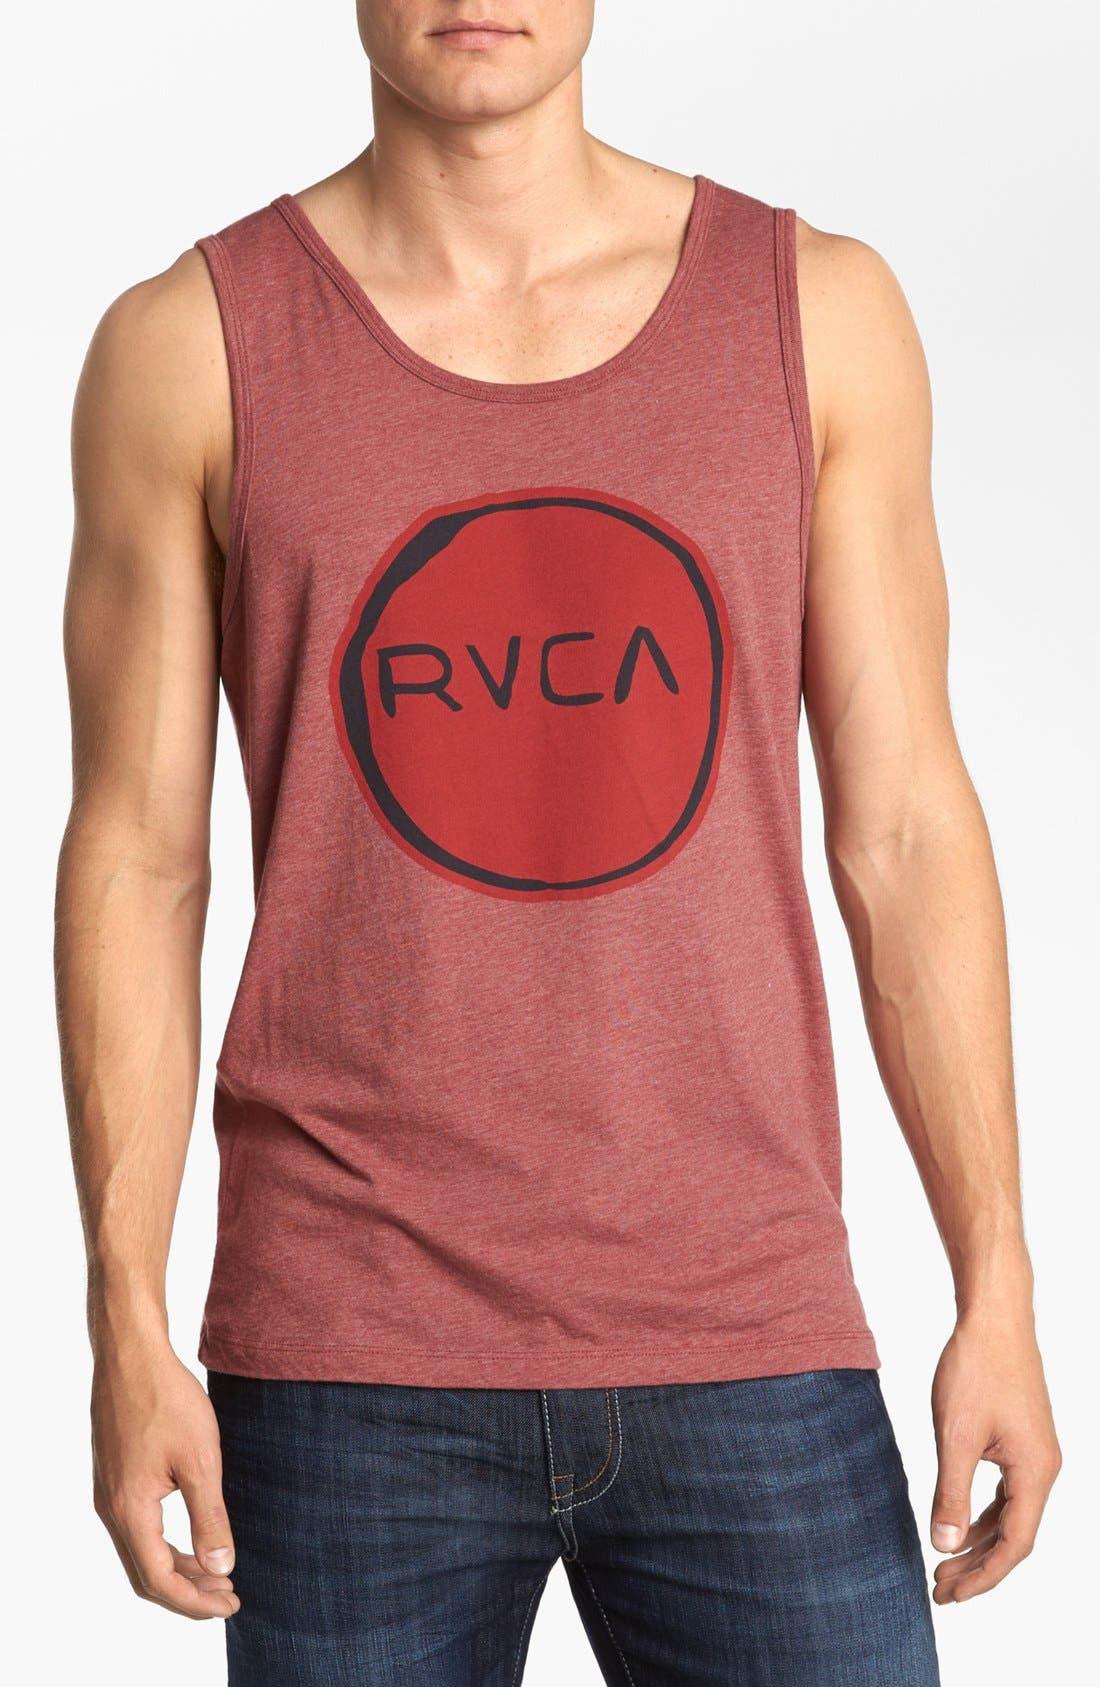 Main Image - RVCA 'Melt Circle' Tank Top